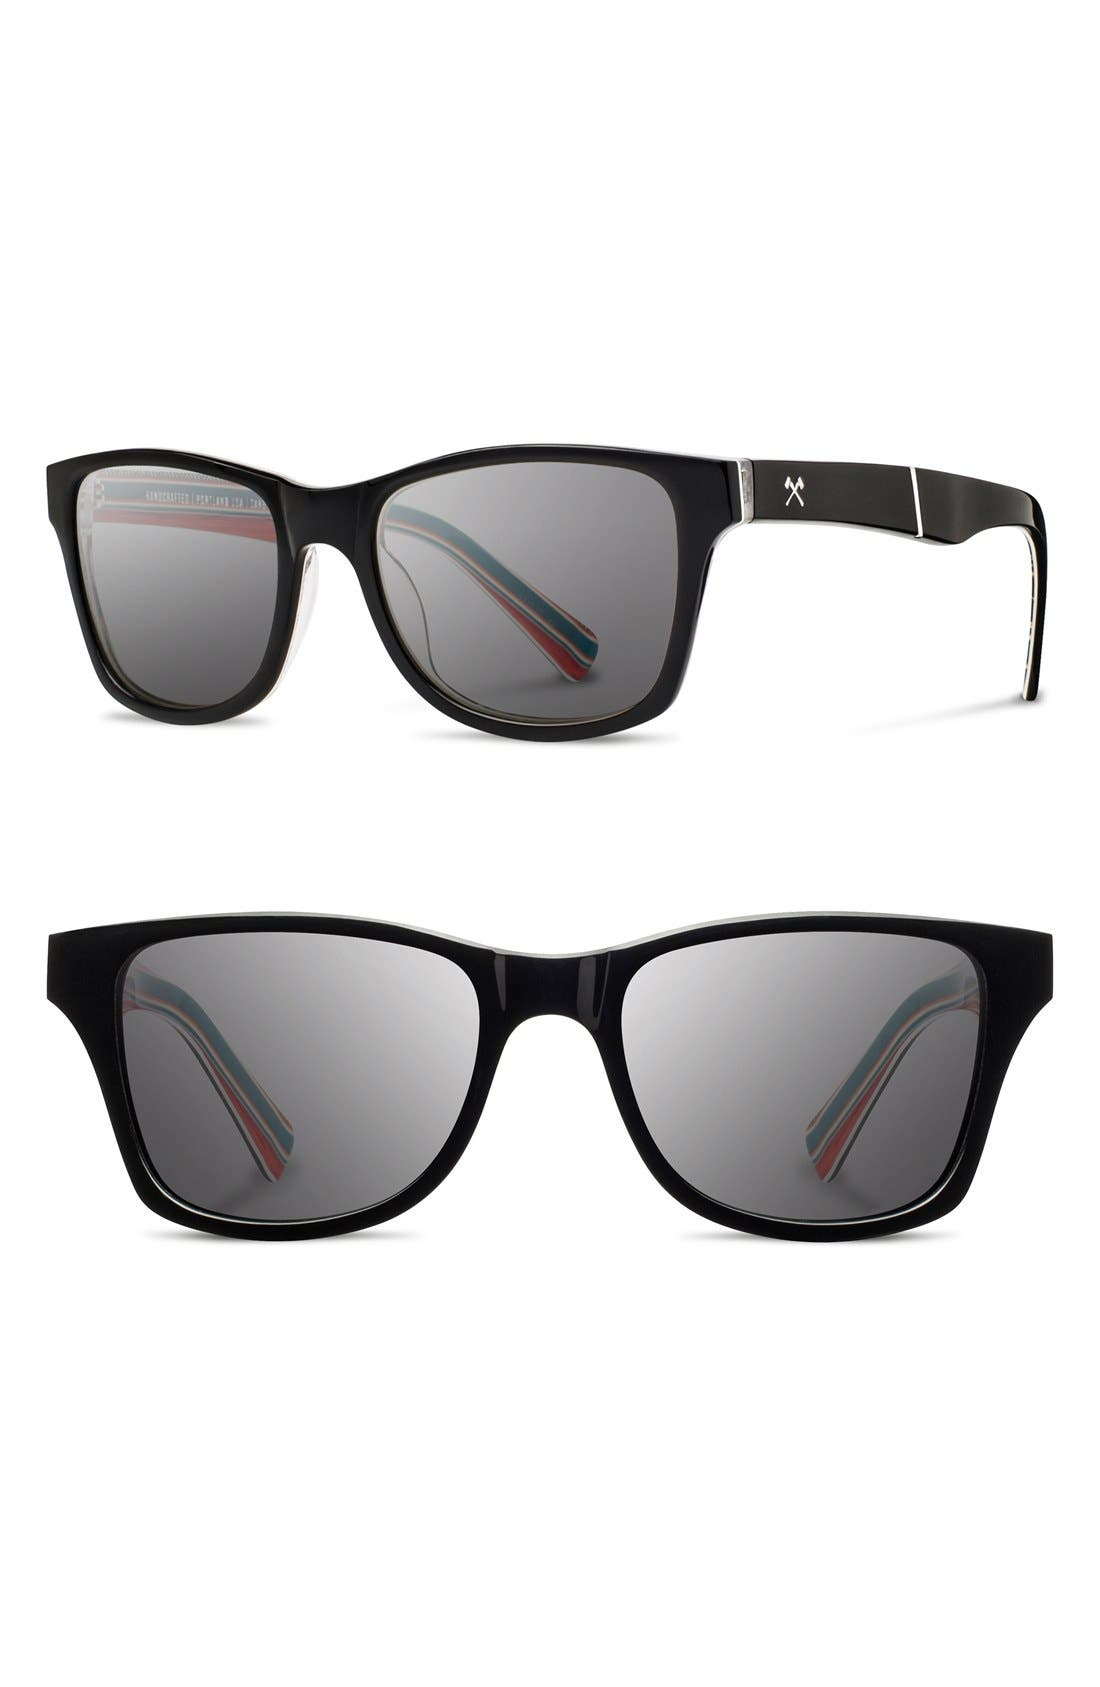 Alternate Image 1 Selected - Shwood 'Canby - Pendleton' 54mm Polarized Sunglasses